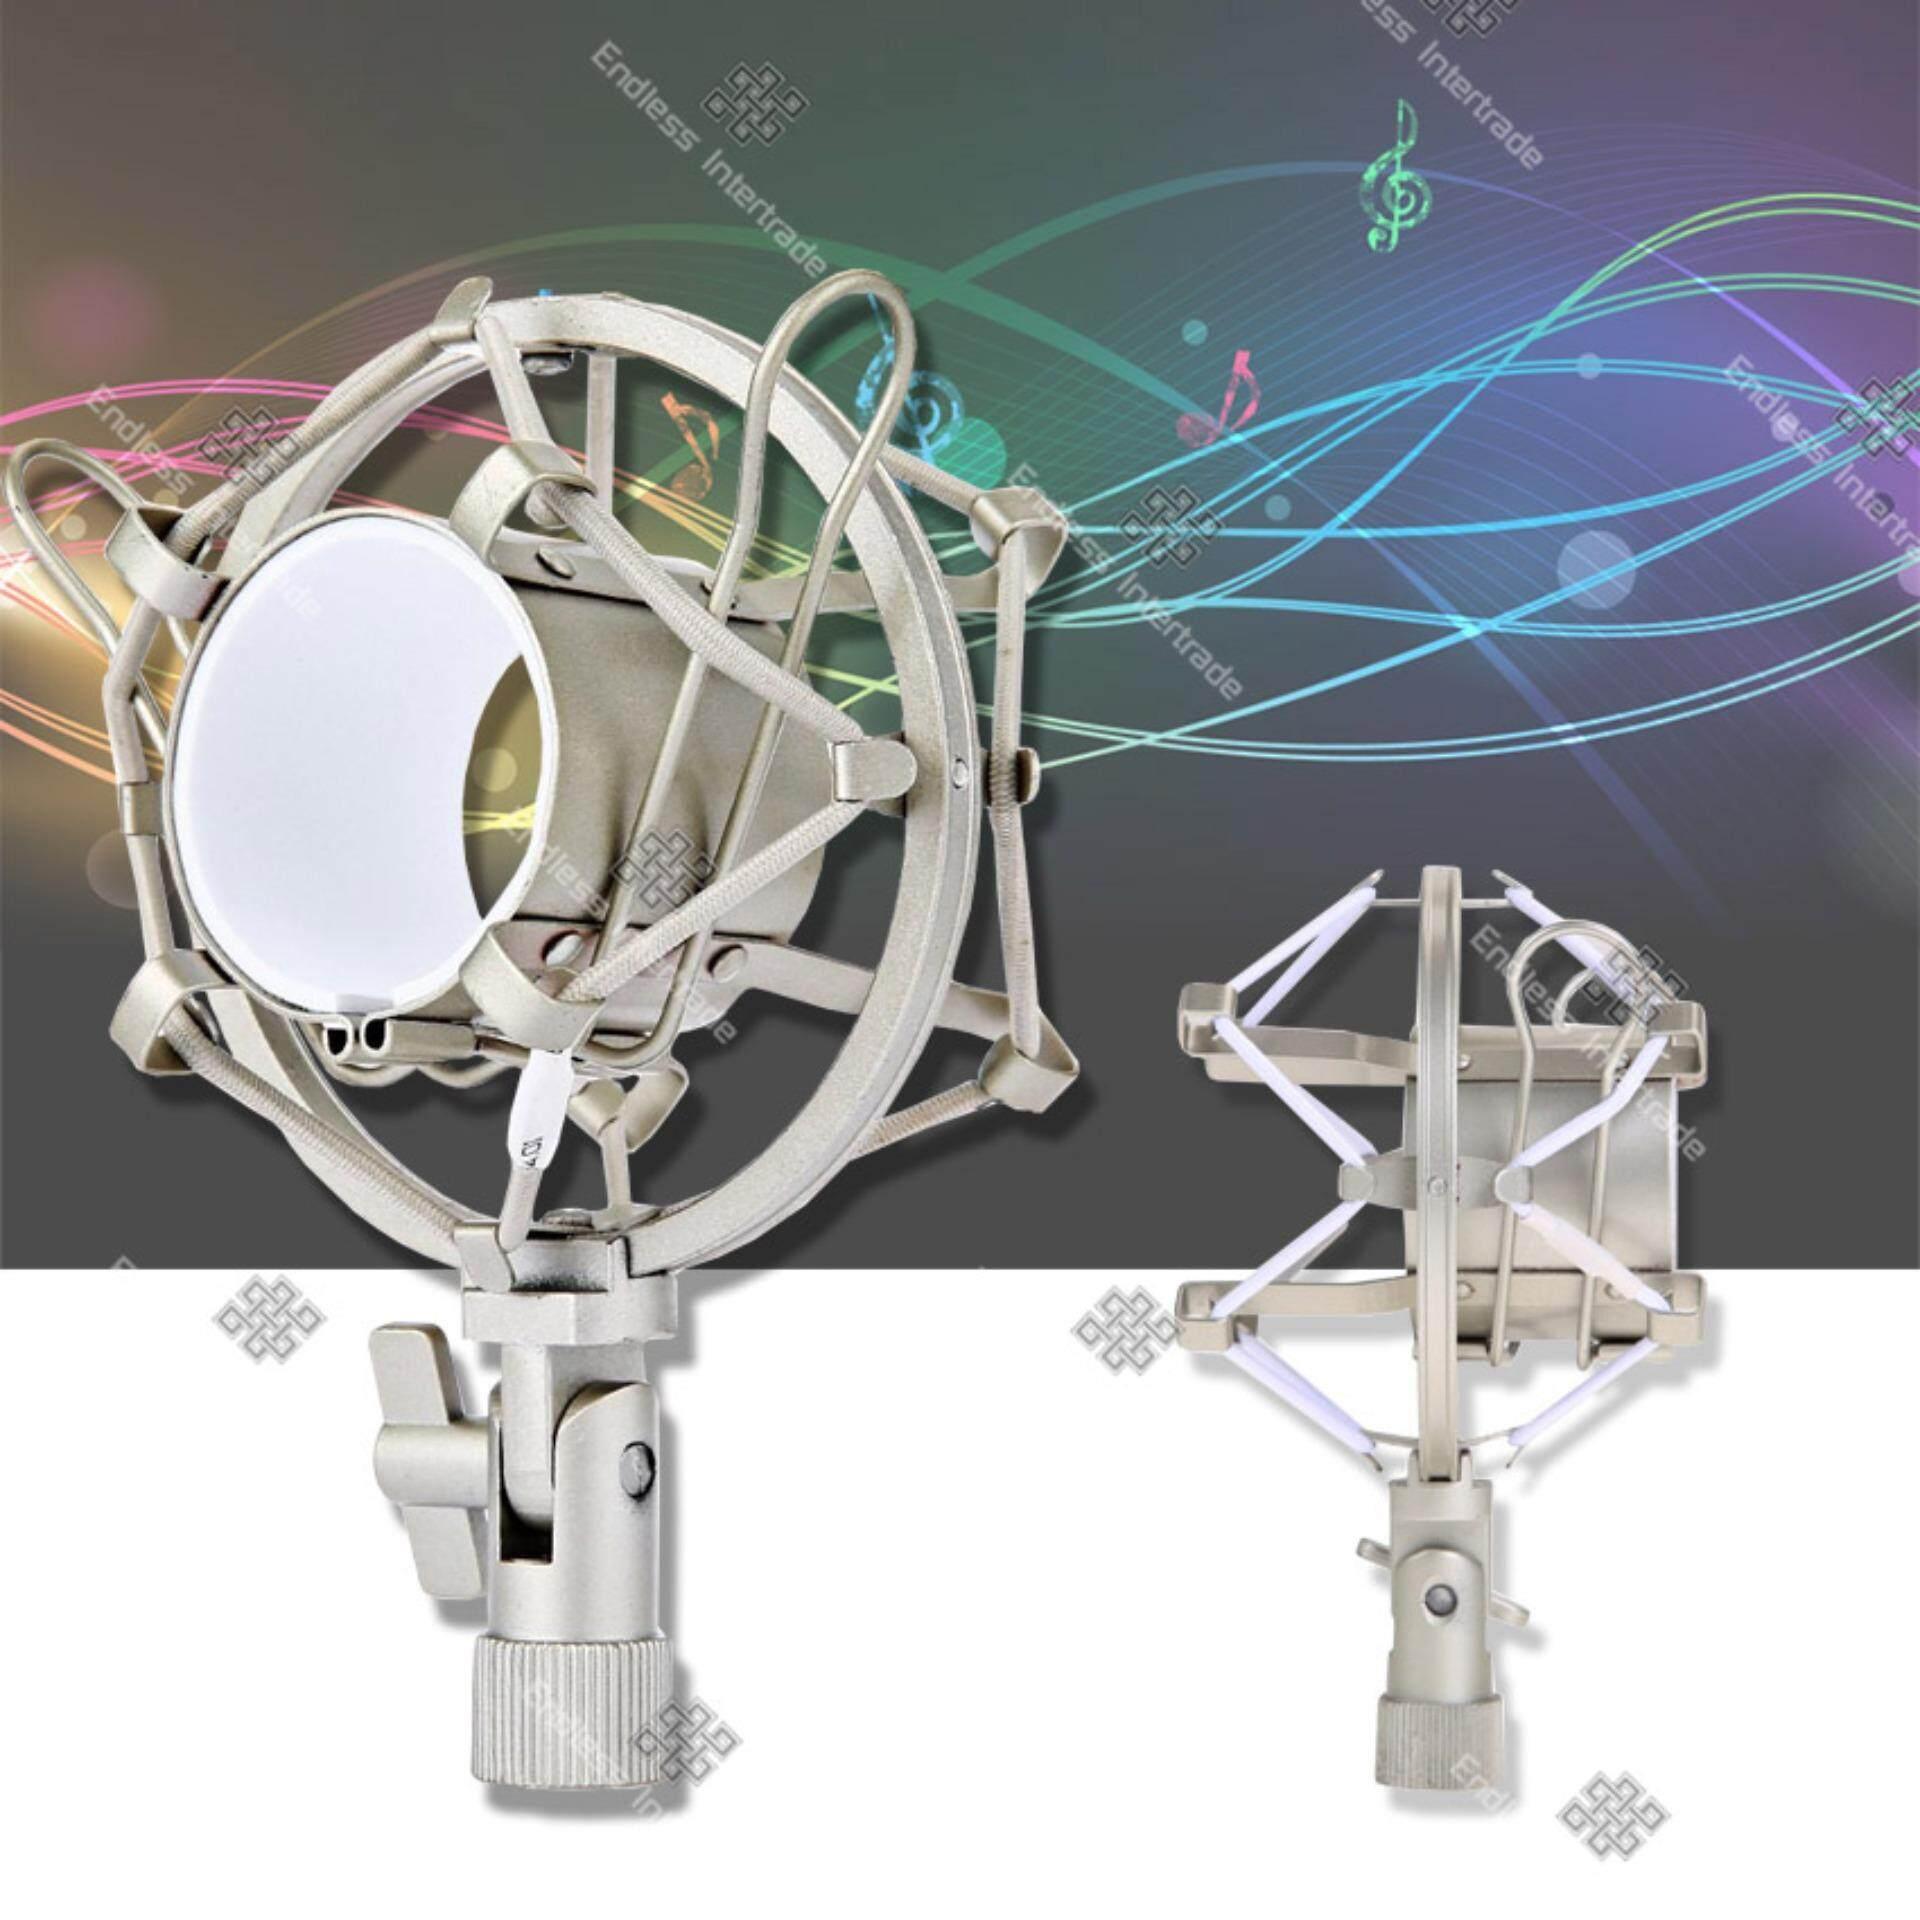 ทบทวน Sinlin Silver Microphone Mic Shock Mount อุปกรณ์ป้องกันเสียงรบกวน ป้องกันการสั่นสะเทือน ขณะอัดเสียง รุ่น Smh460 We Sinlin